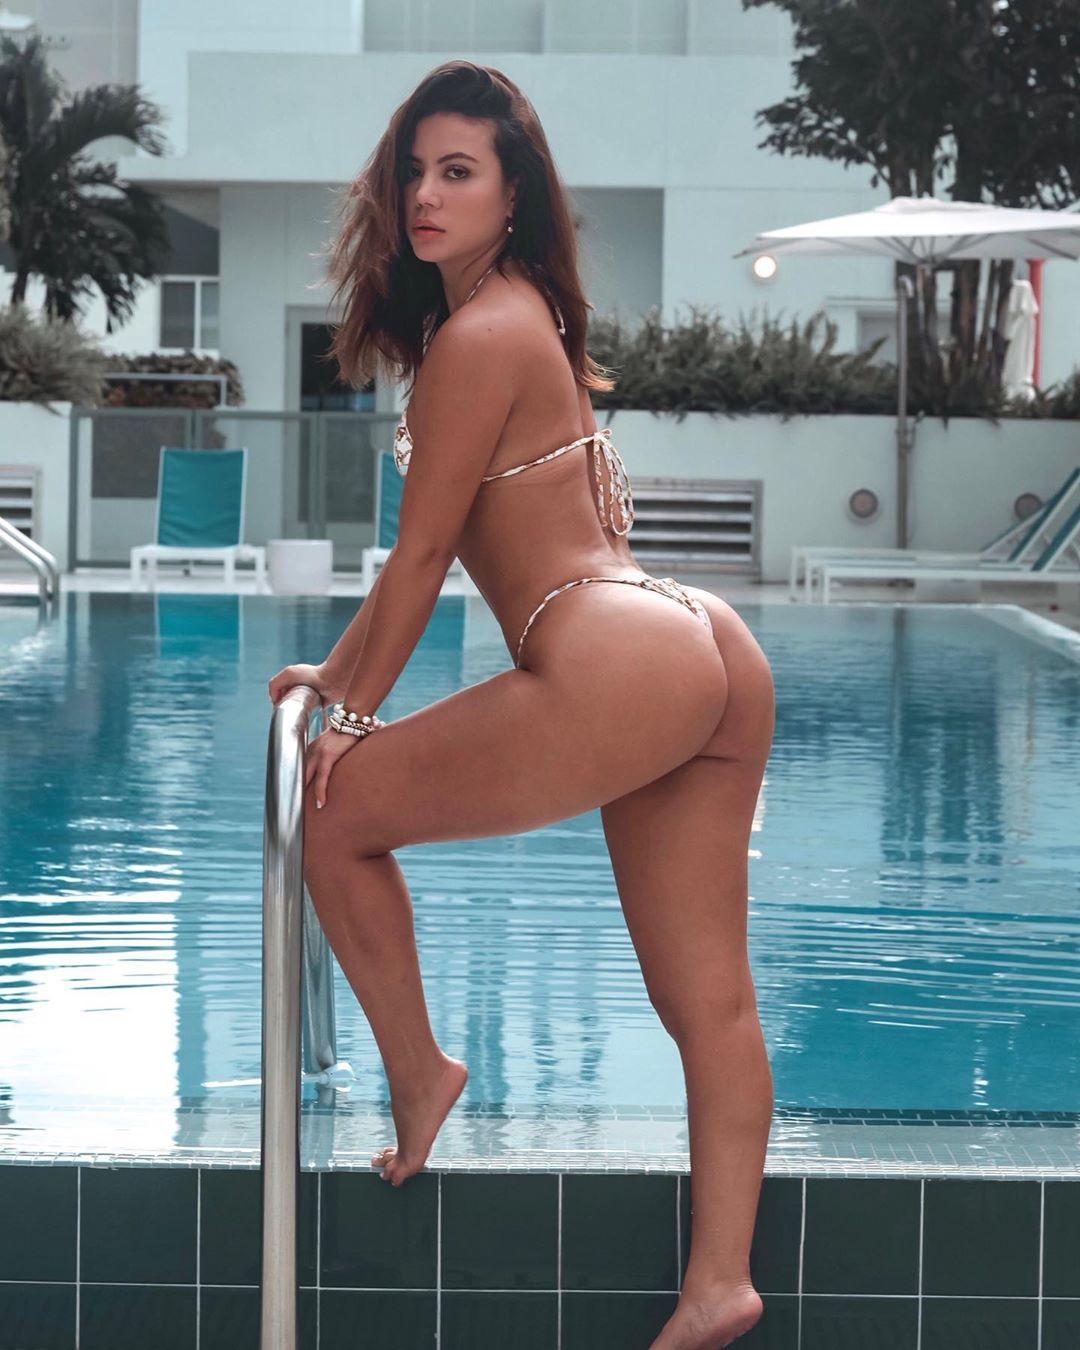 Alejandra Pineda Nude Leaked Videos and Alejapineda1 Naked Pics! 78